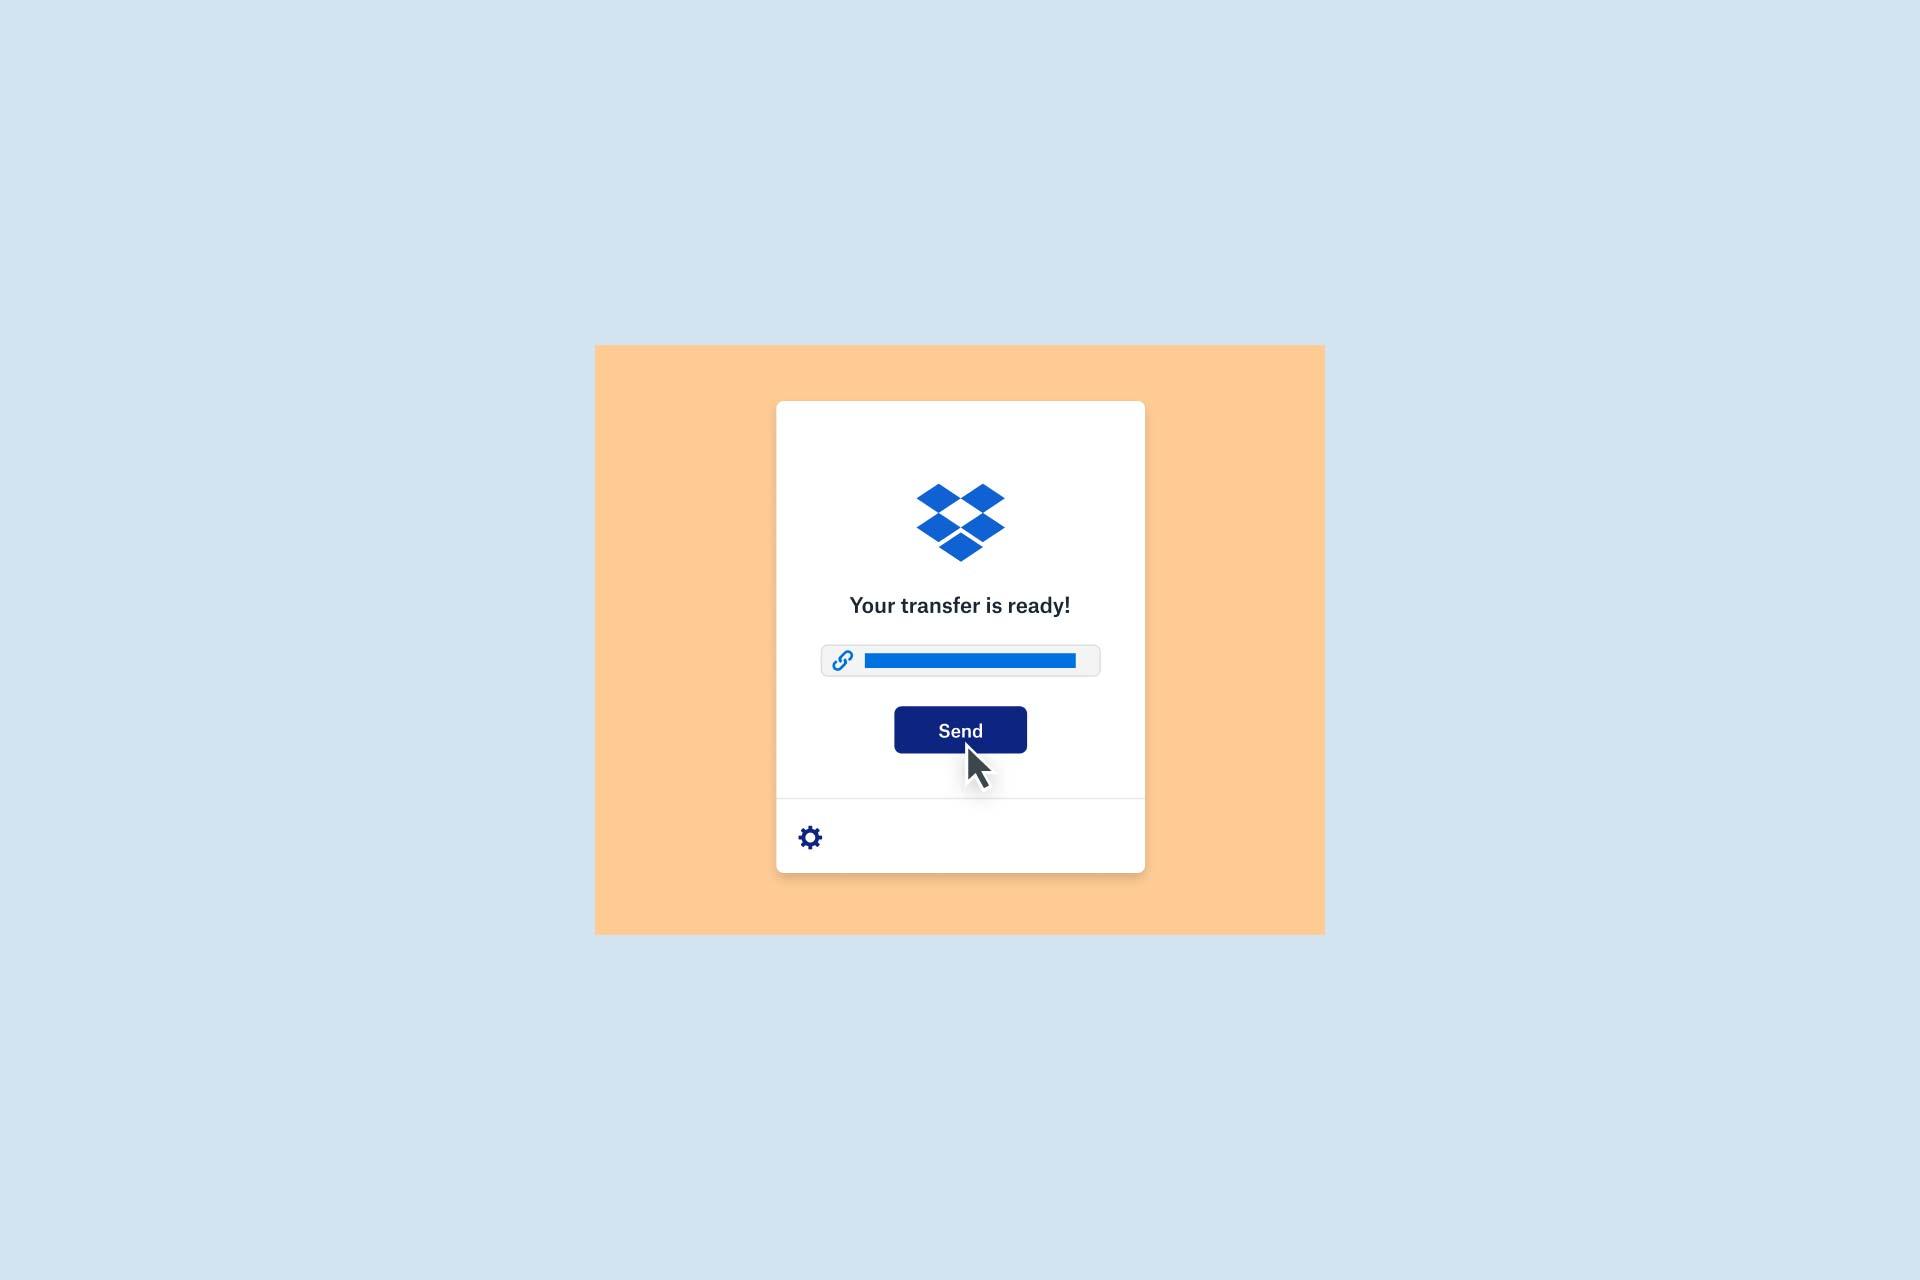 Plik przesłany do Dropbox Transfer jest gotowy do wysłania